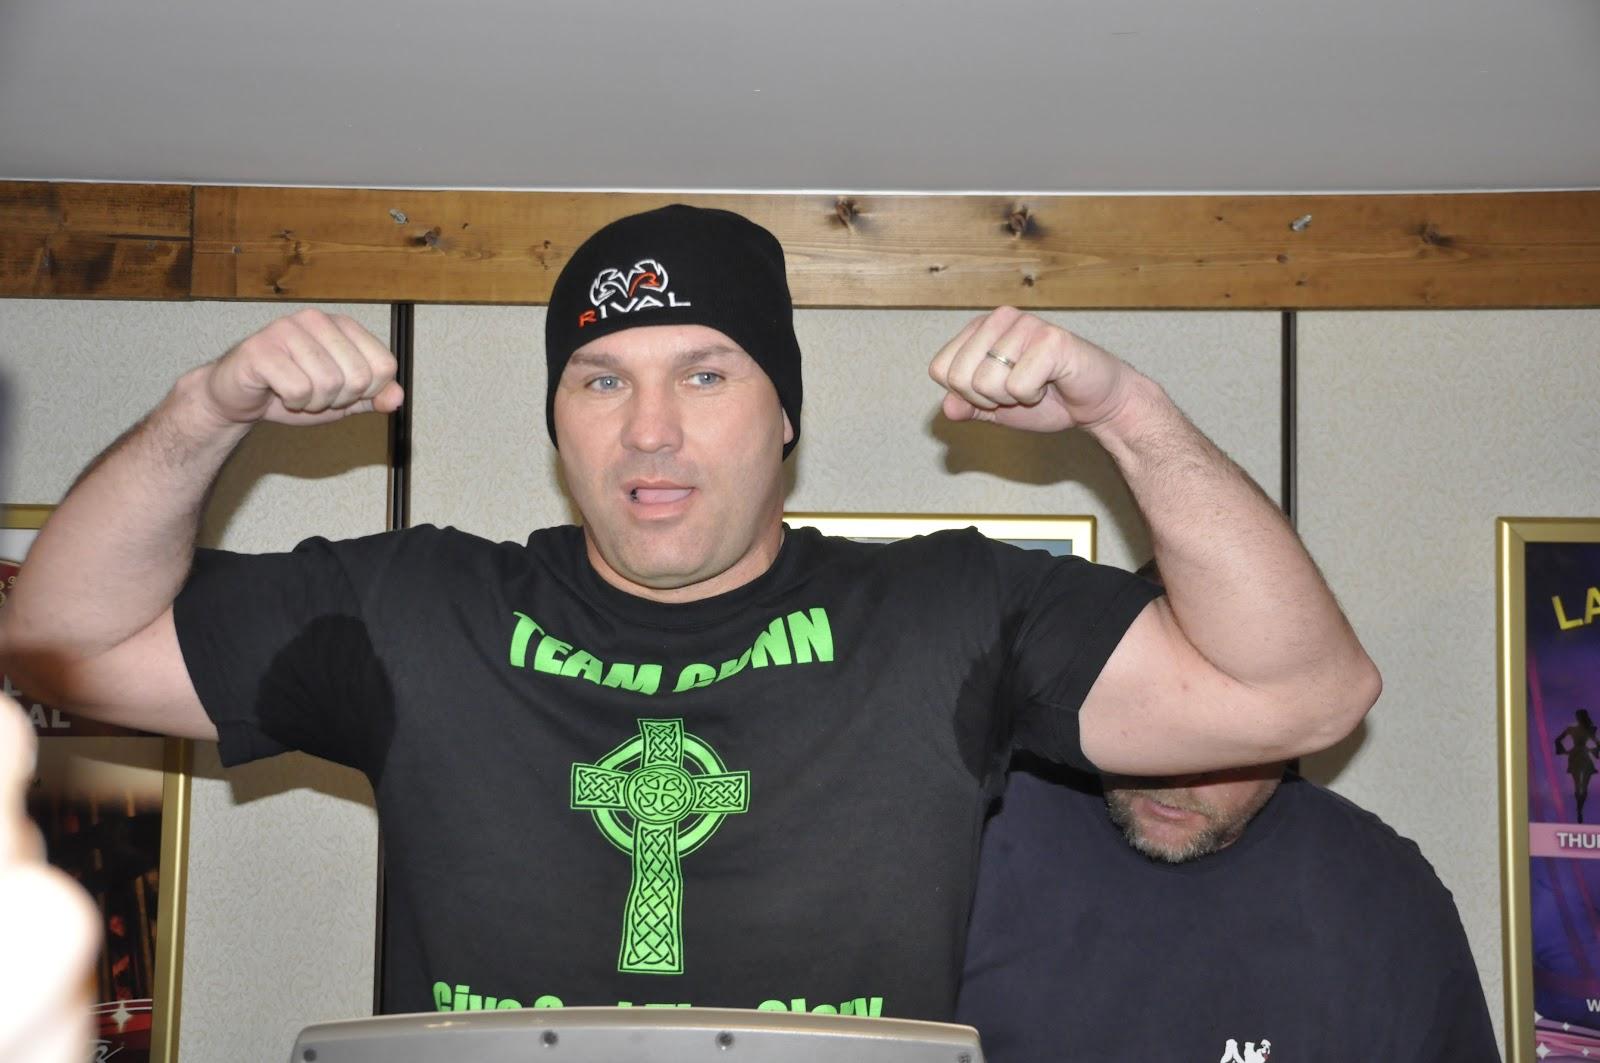 https://i2.wp.com/1.bp.blogspot.com/-jfcH_-MwzSI/T3-p8tx01hI/AAAAAAAABE0/rJqOcIPfviM/s1600/Memphis+weight-+ins++Toney+vs+Gunn+024.JPG?resize=723%2C480